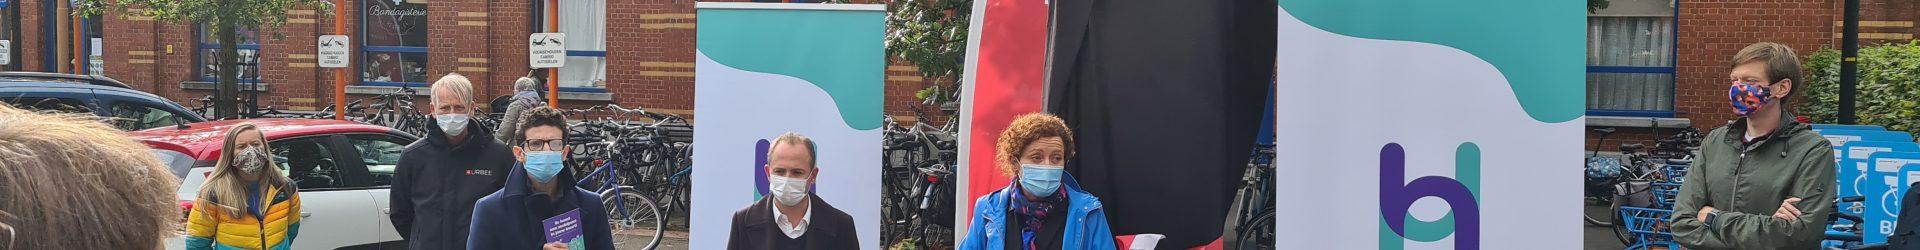 Mobipunten in Vlaanderen: kansen voor een kwalitatieve herinrichting van de publieke ruimte